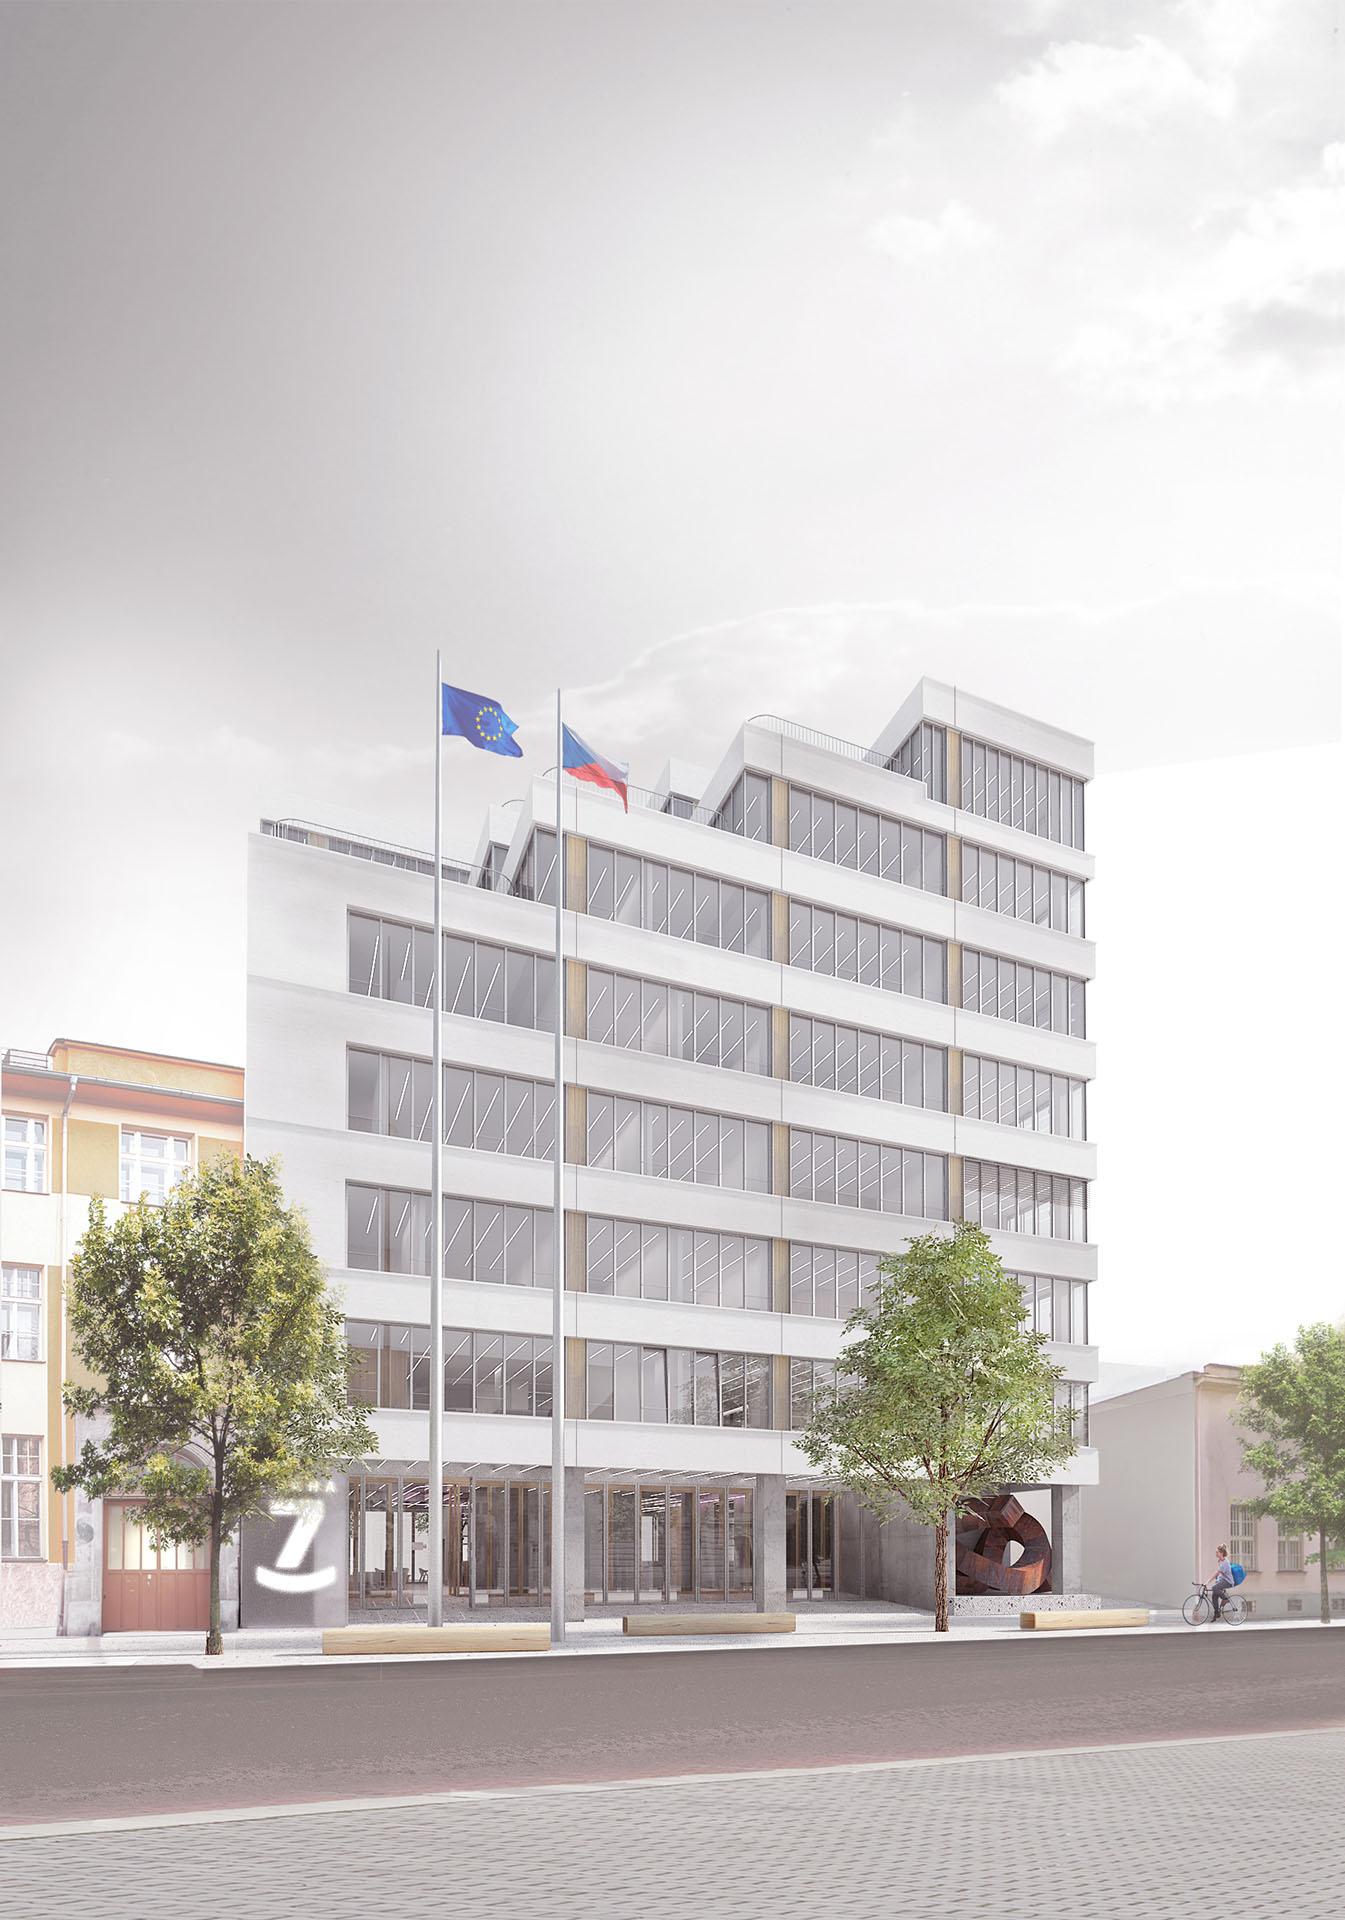 Nová radnice pro Prahu 7 ve vizualizaci soutěžního návrhu